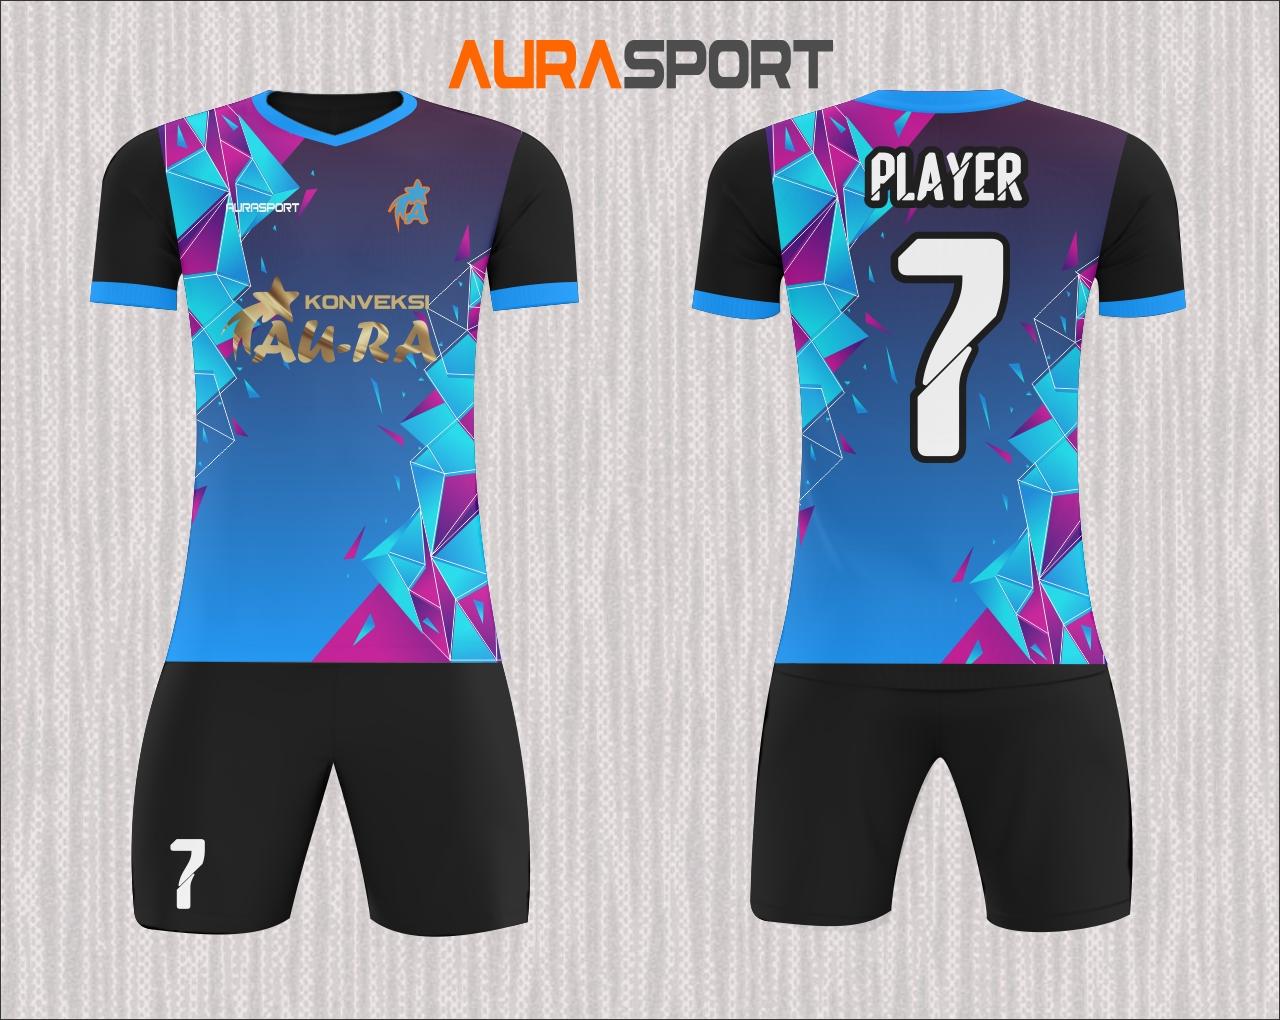 Konveksi Kemeja Kaos Jaket Murah Tangerang Selatan Celana Bola Futsal Basket Kami Sudah Cukup Lama Bergerak Di Bidang Printing Jersey Tidak Hanya Juga Produksi